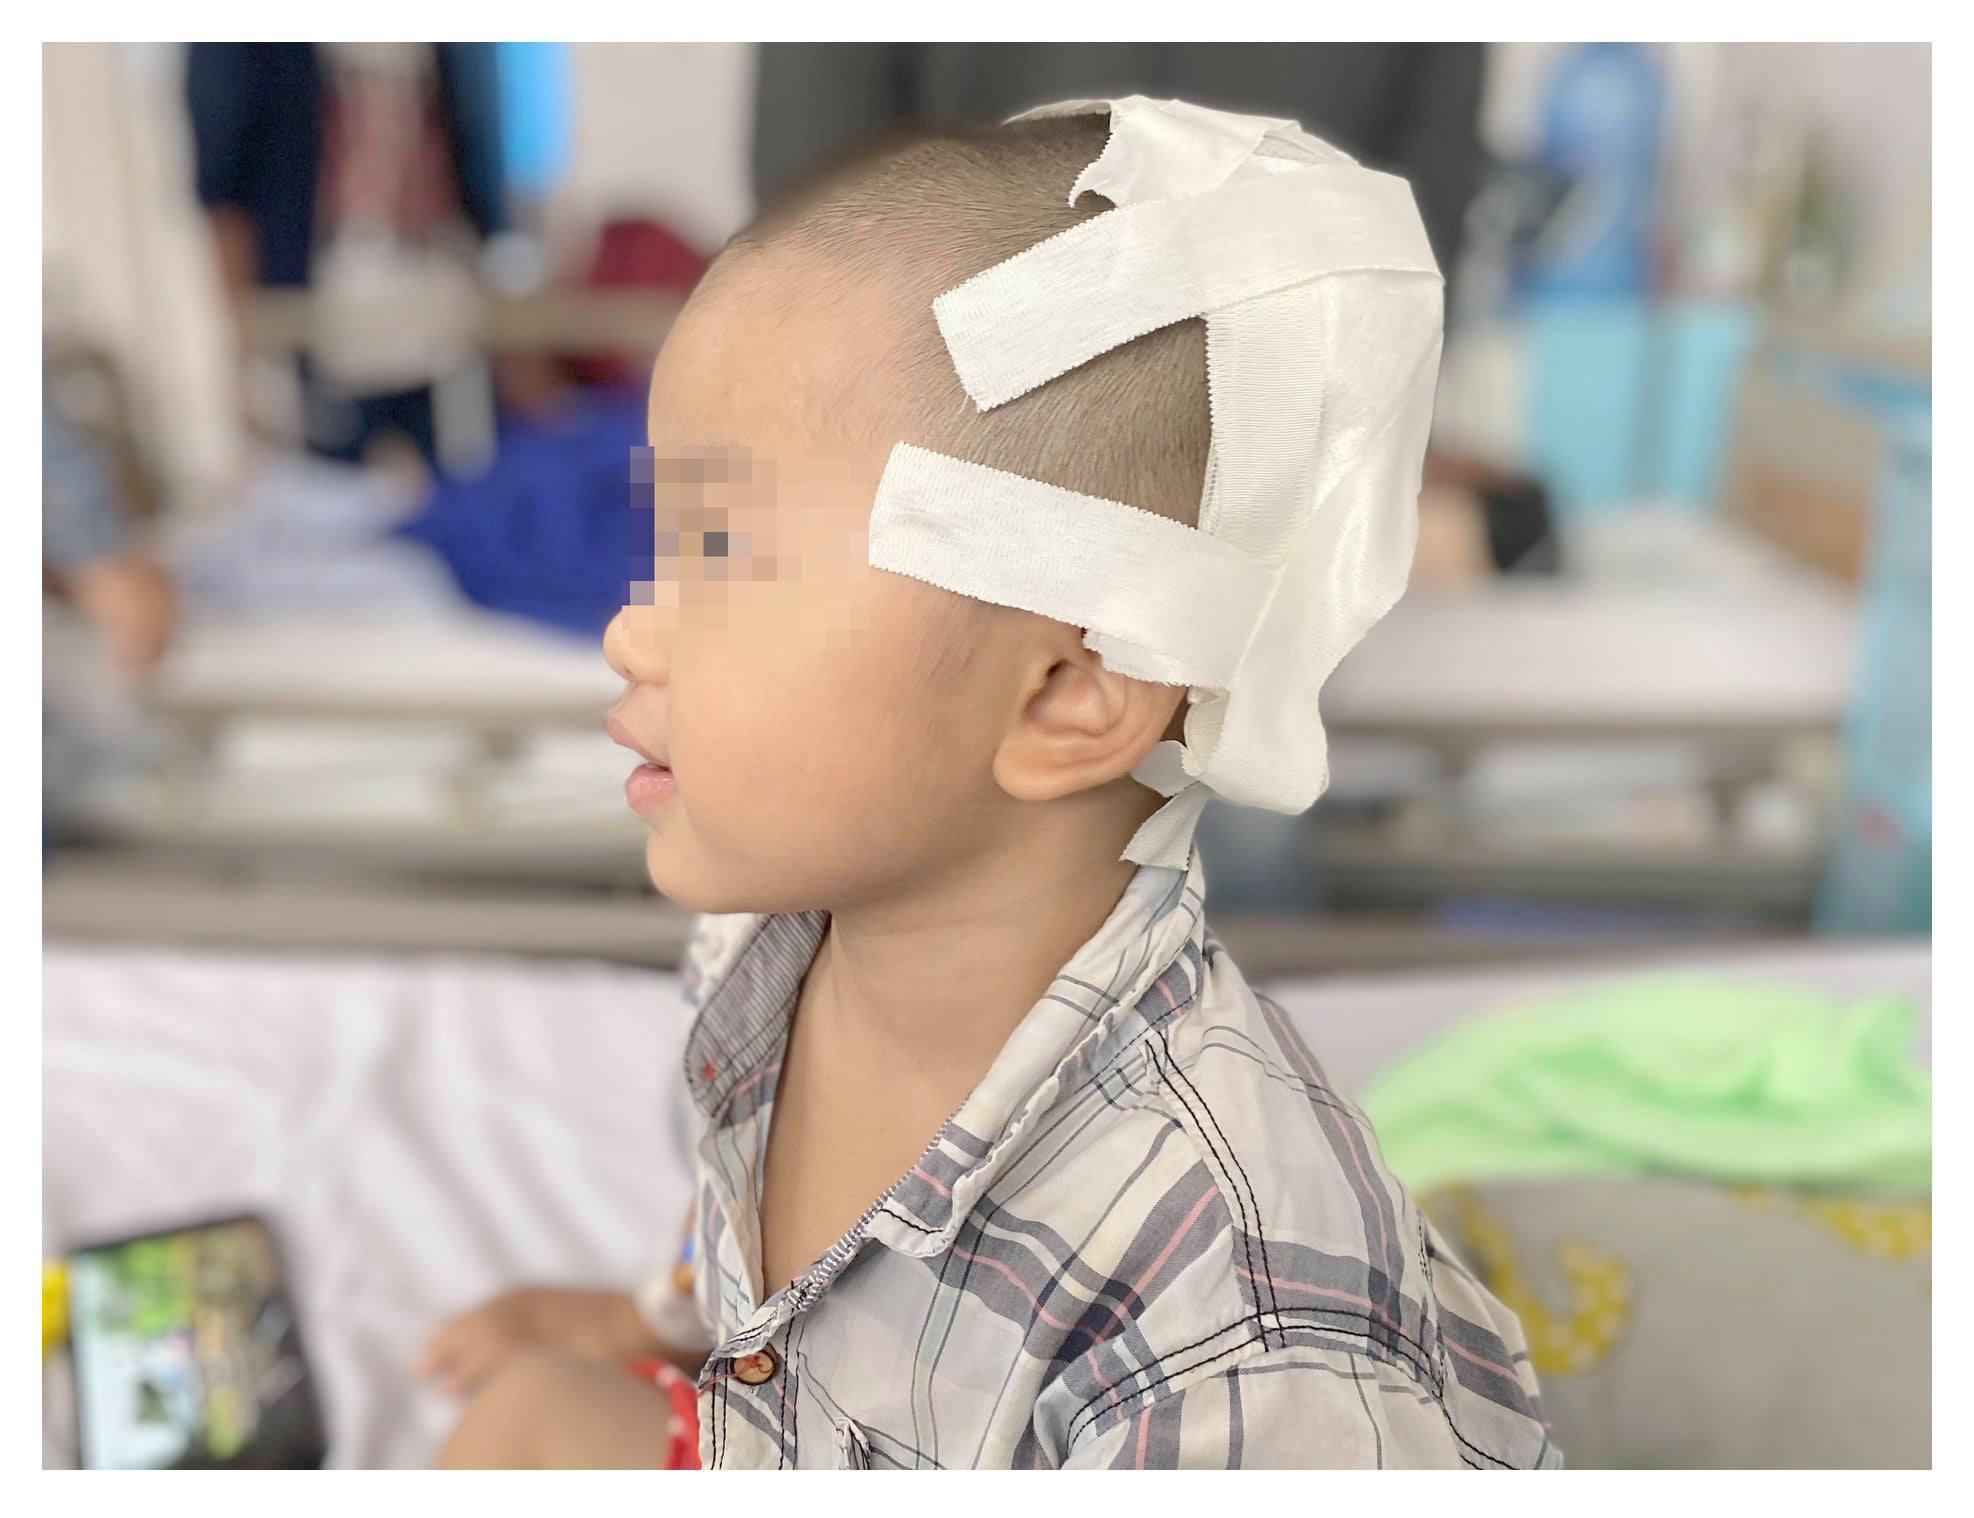 Bé 2 tuổi bị lõm hộp sọ do ngã xe đạp, dấu hiệu nhận biết triệu chứng chấn thương sọ não